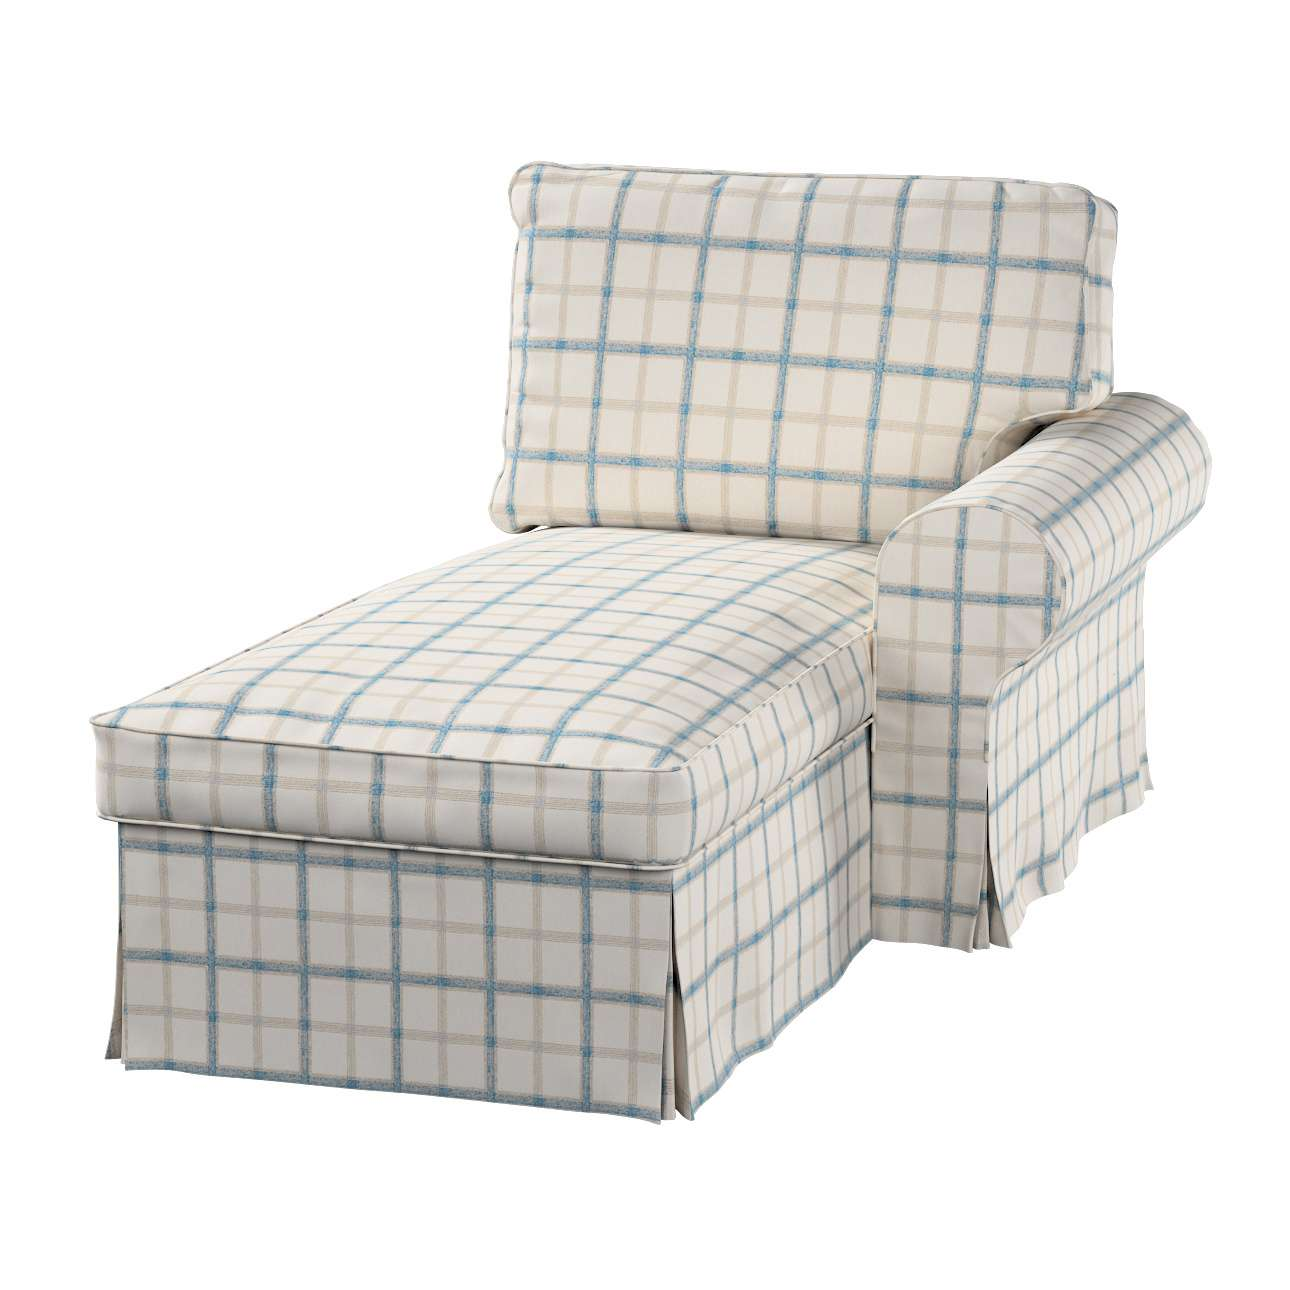 Ektorp jobbos fekvő fotel huzat a kollekcióból Lakástextil Avinon, Dekoranyag: 131-66